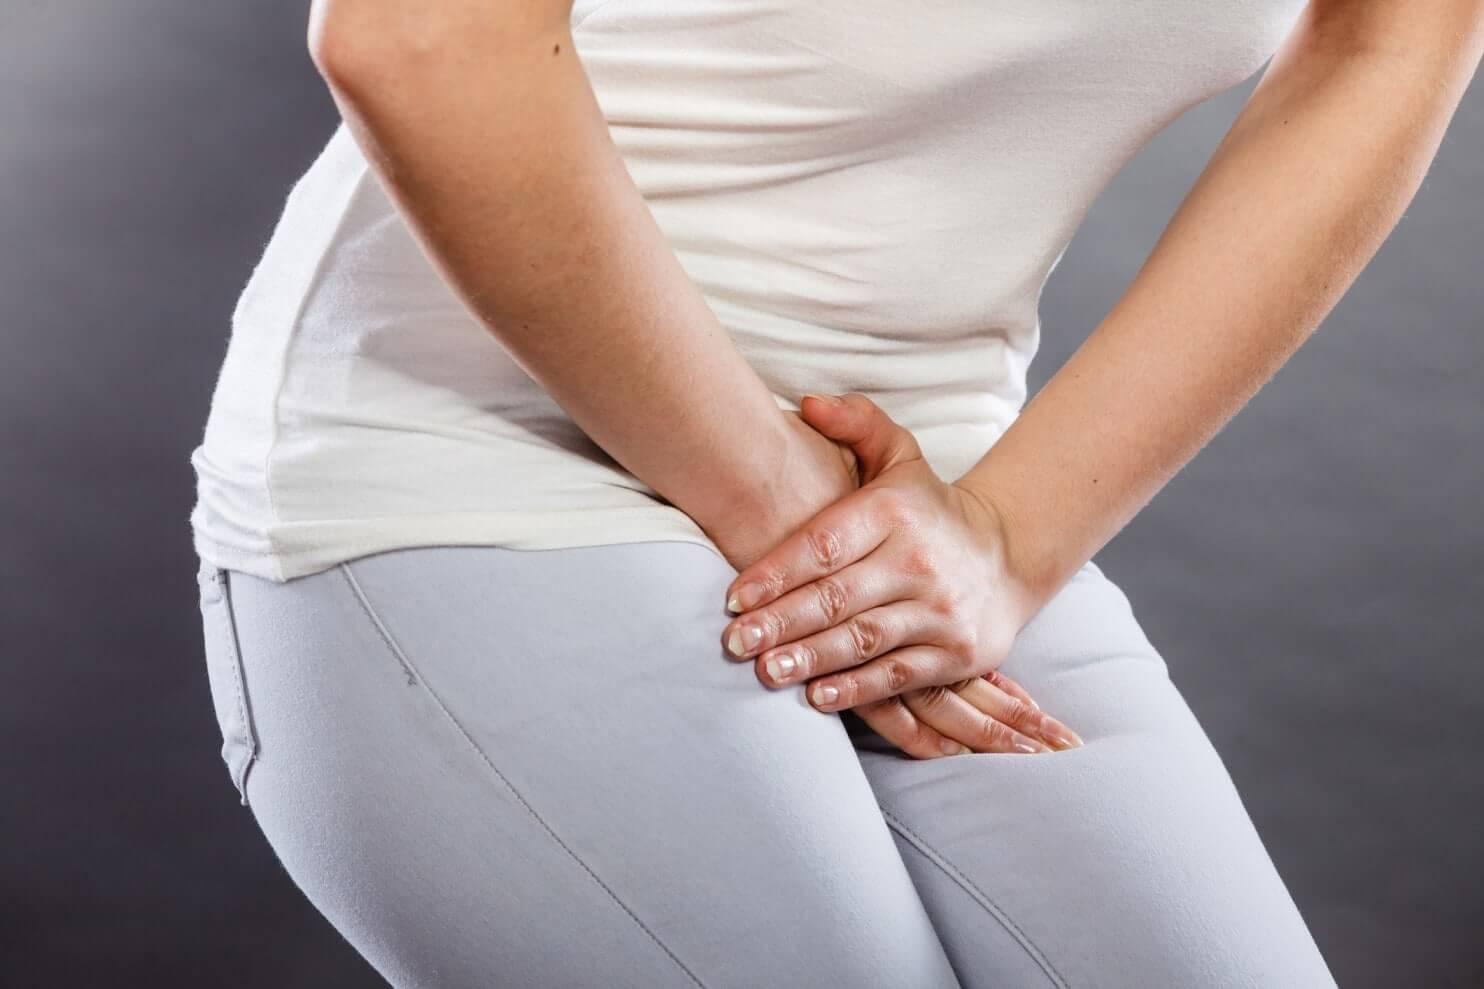 Воспалительные заболевания женских половых органов специфической этиологии